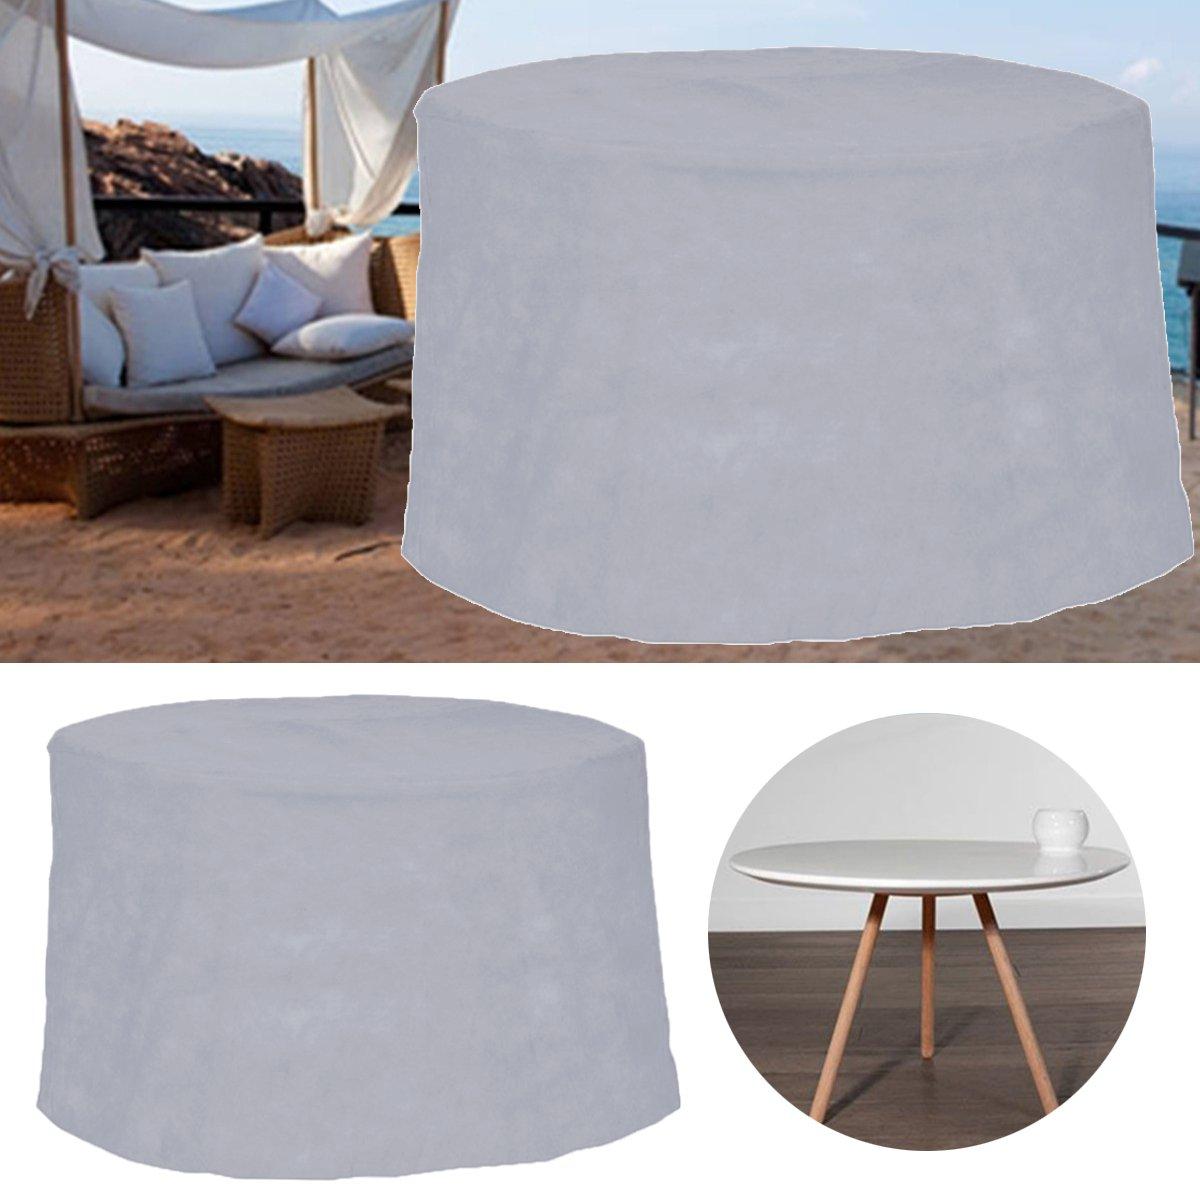 Outdoor Garden Patio Furniture Cover Waterproof Dustpro